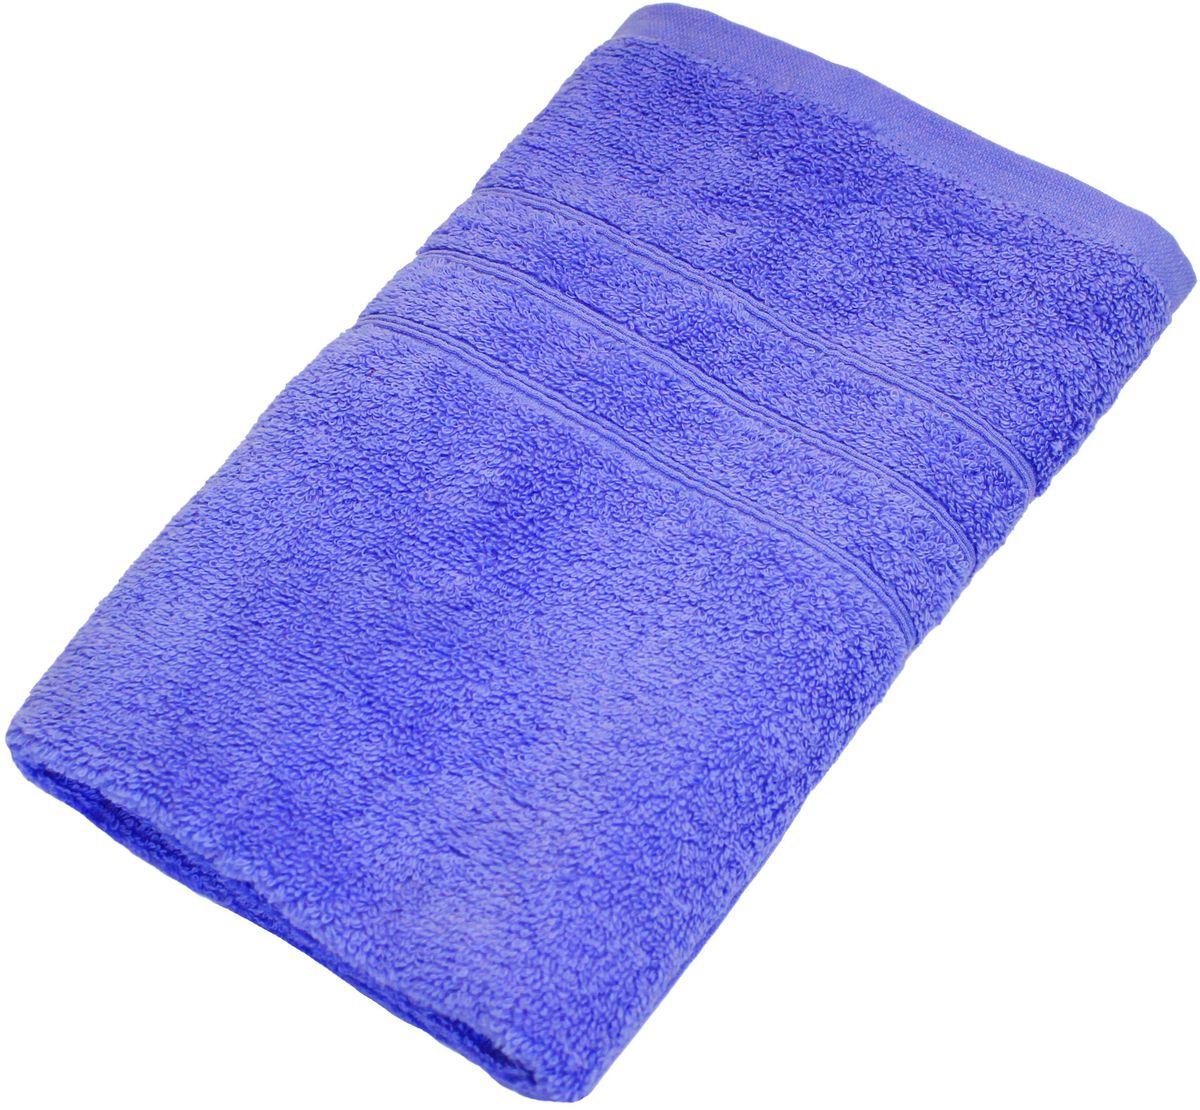 Полотенце Proffi Home Модерн, цвет: синий, 50x100 смPH3269Состав: 100% хлопок.